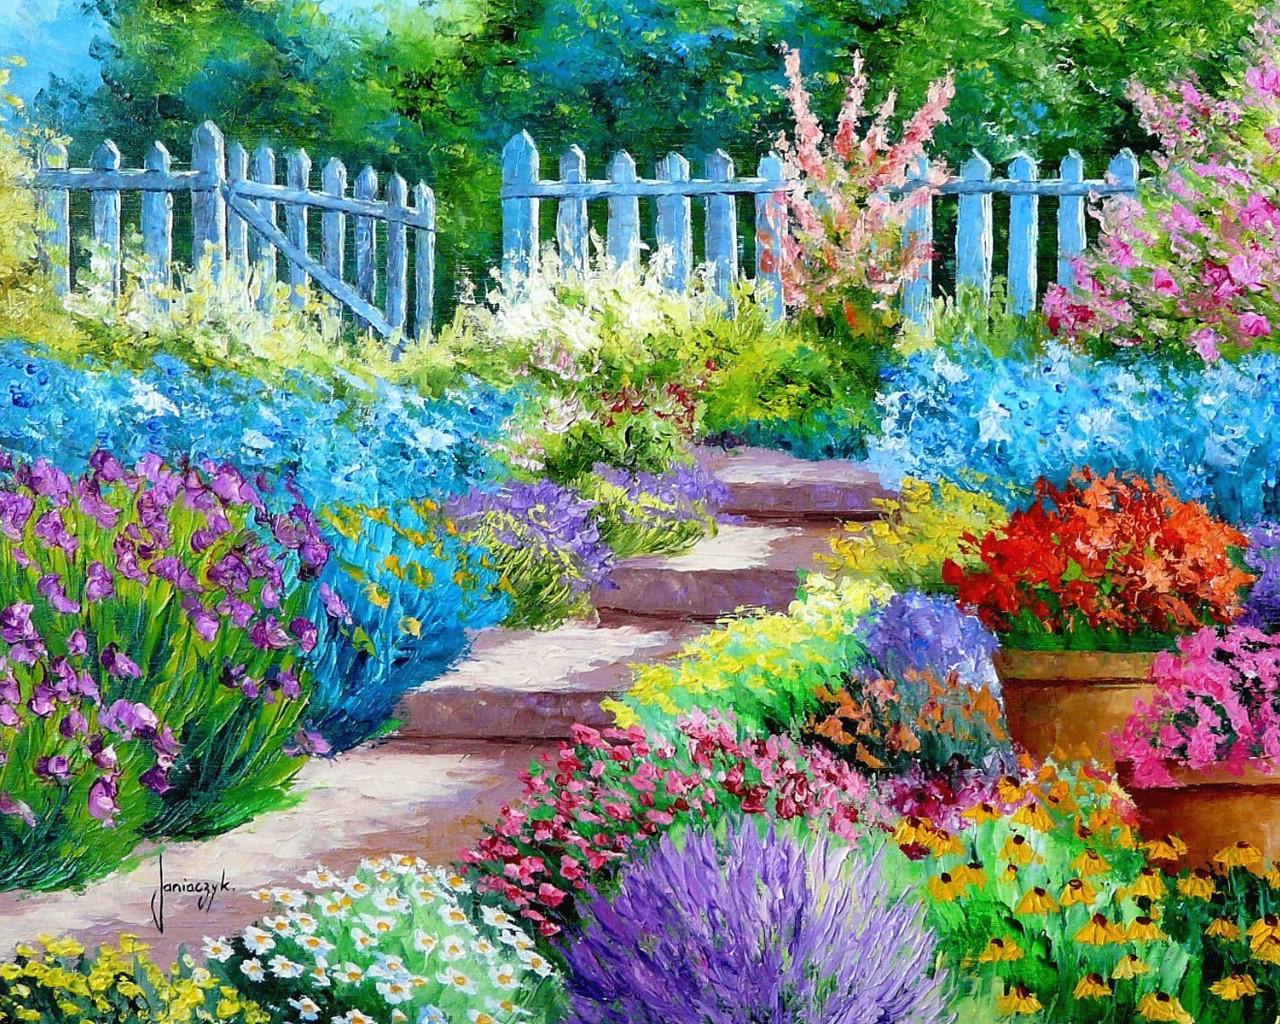 paint_jean-marc_janiaczyk_painting_1600x1200_59730_3